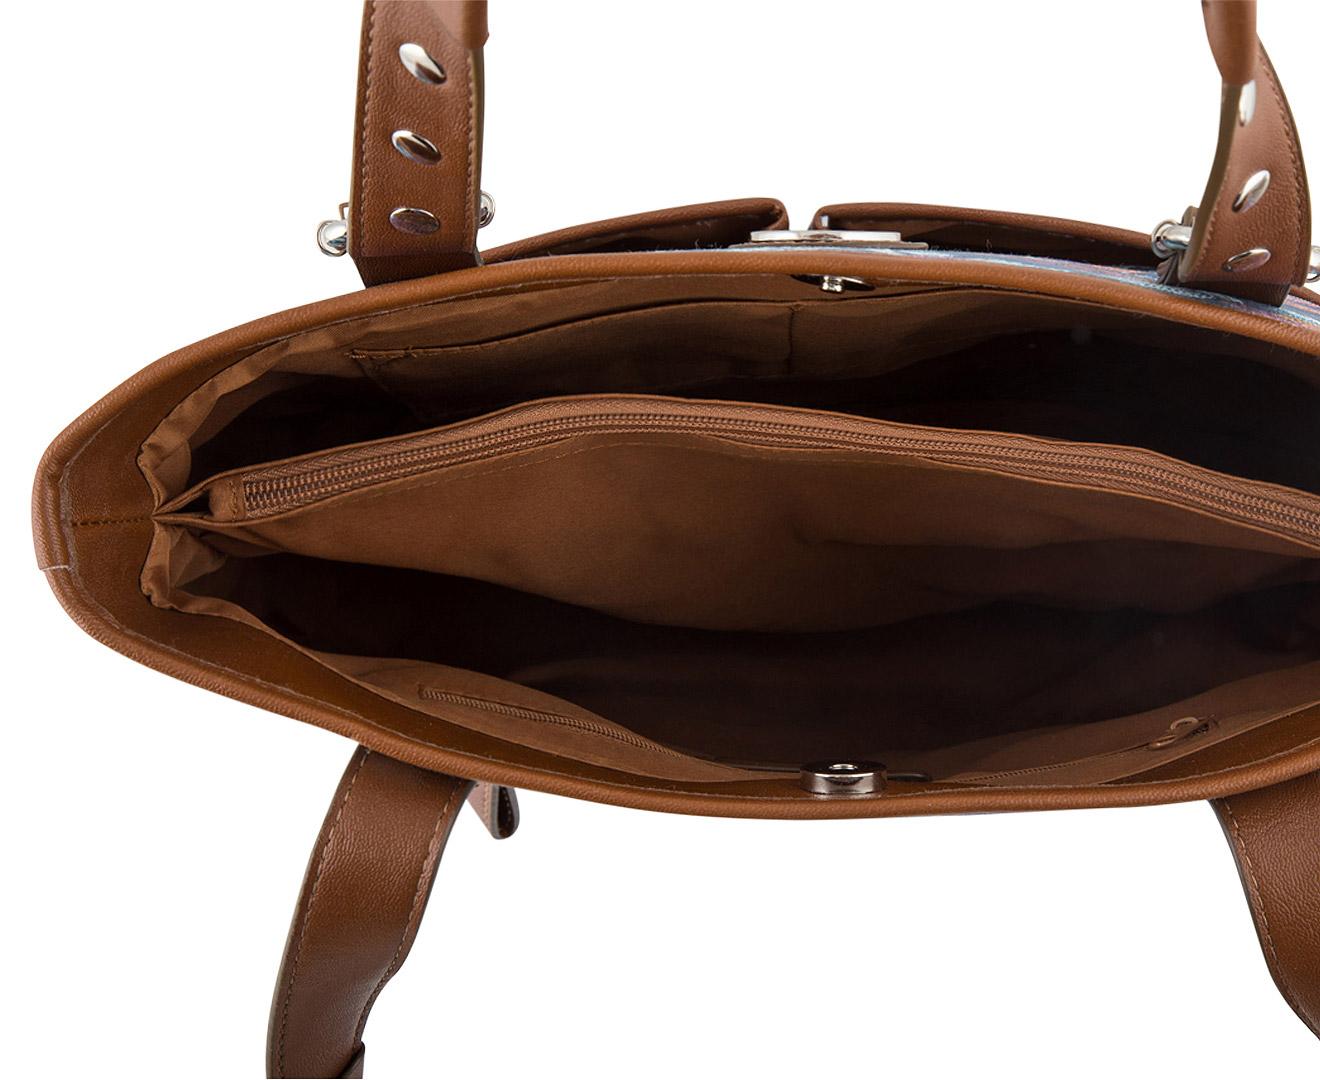 1febf206ec6 Relic Bleeker NS Tote Bag - Tropical   Catch.com.au